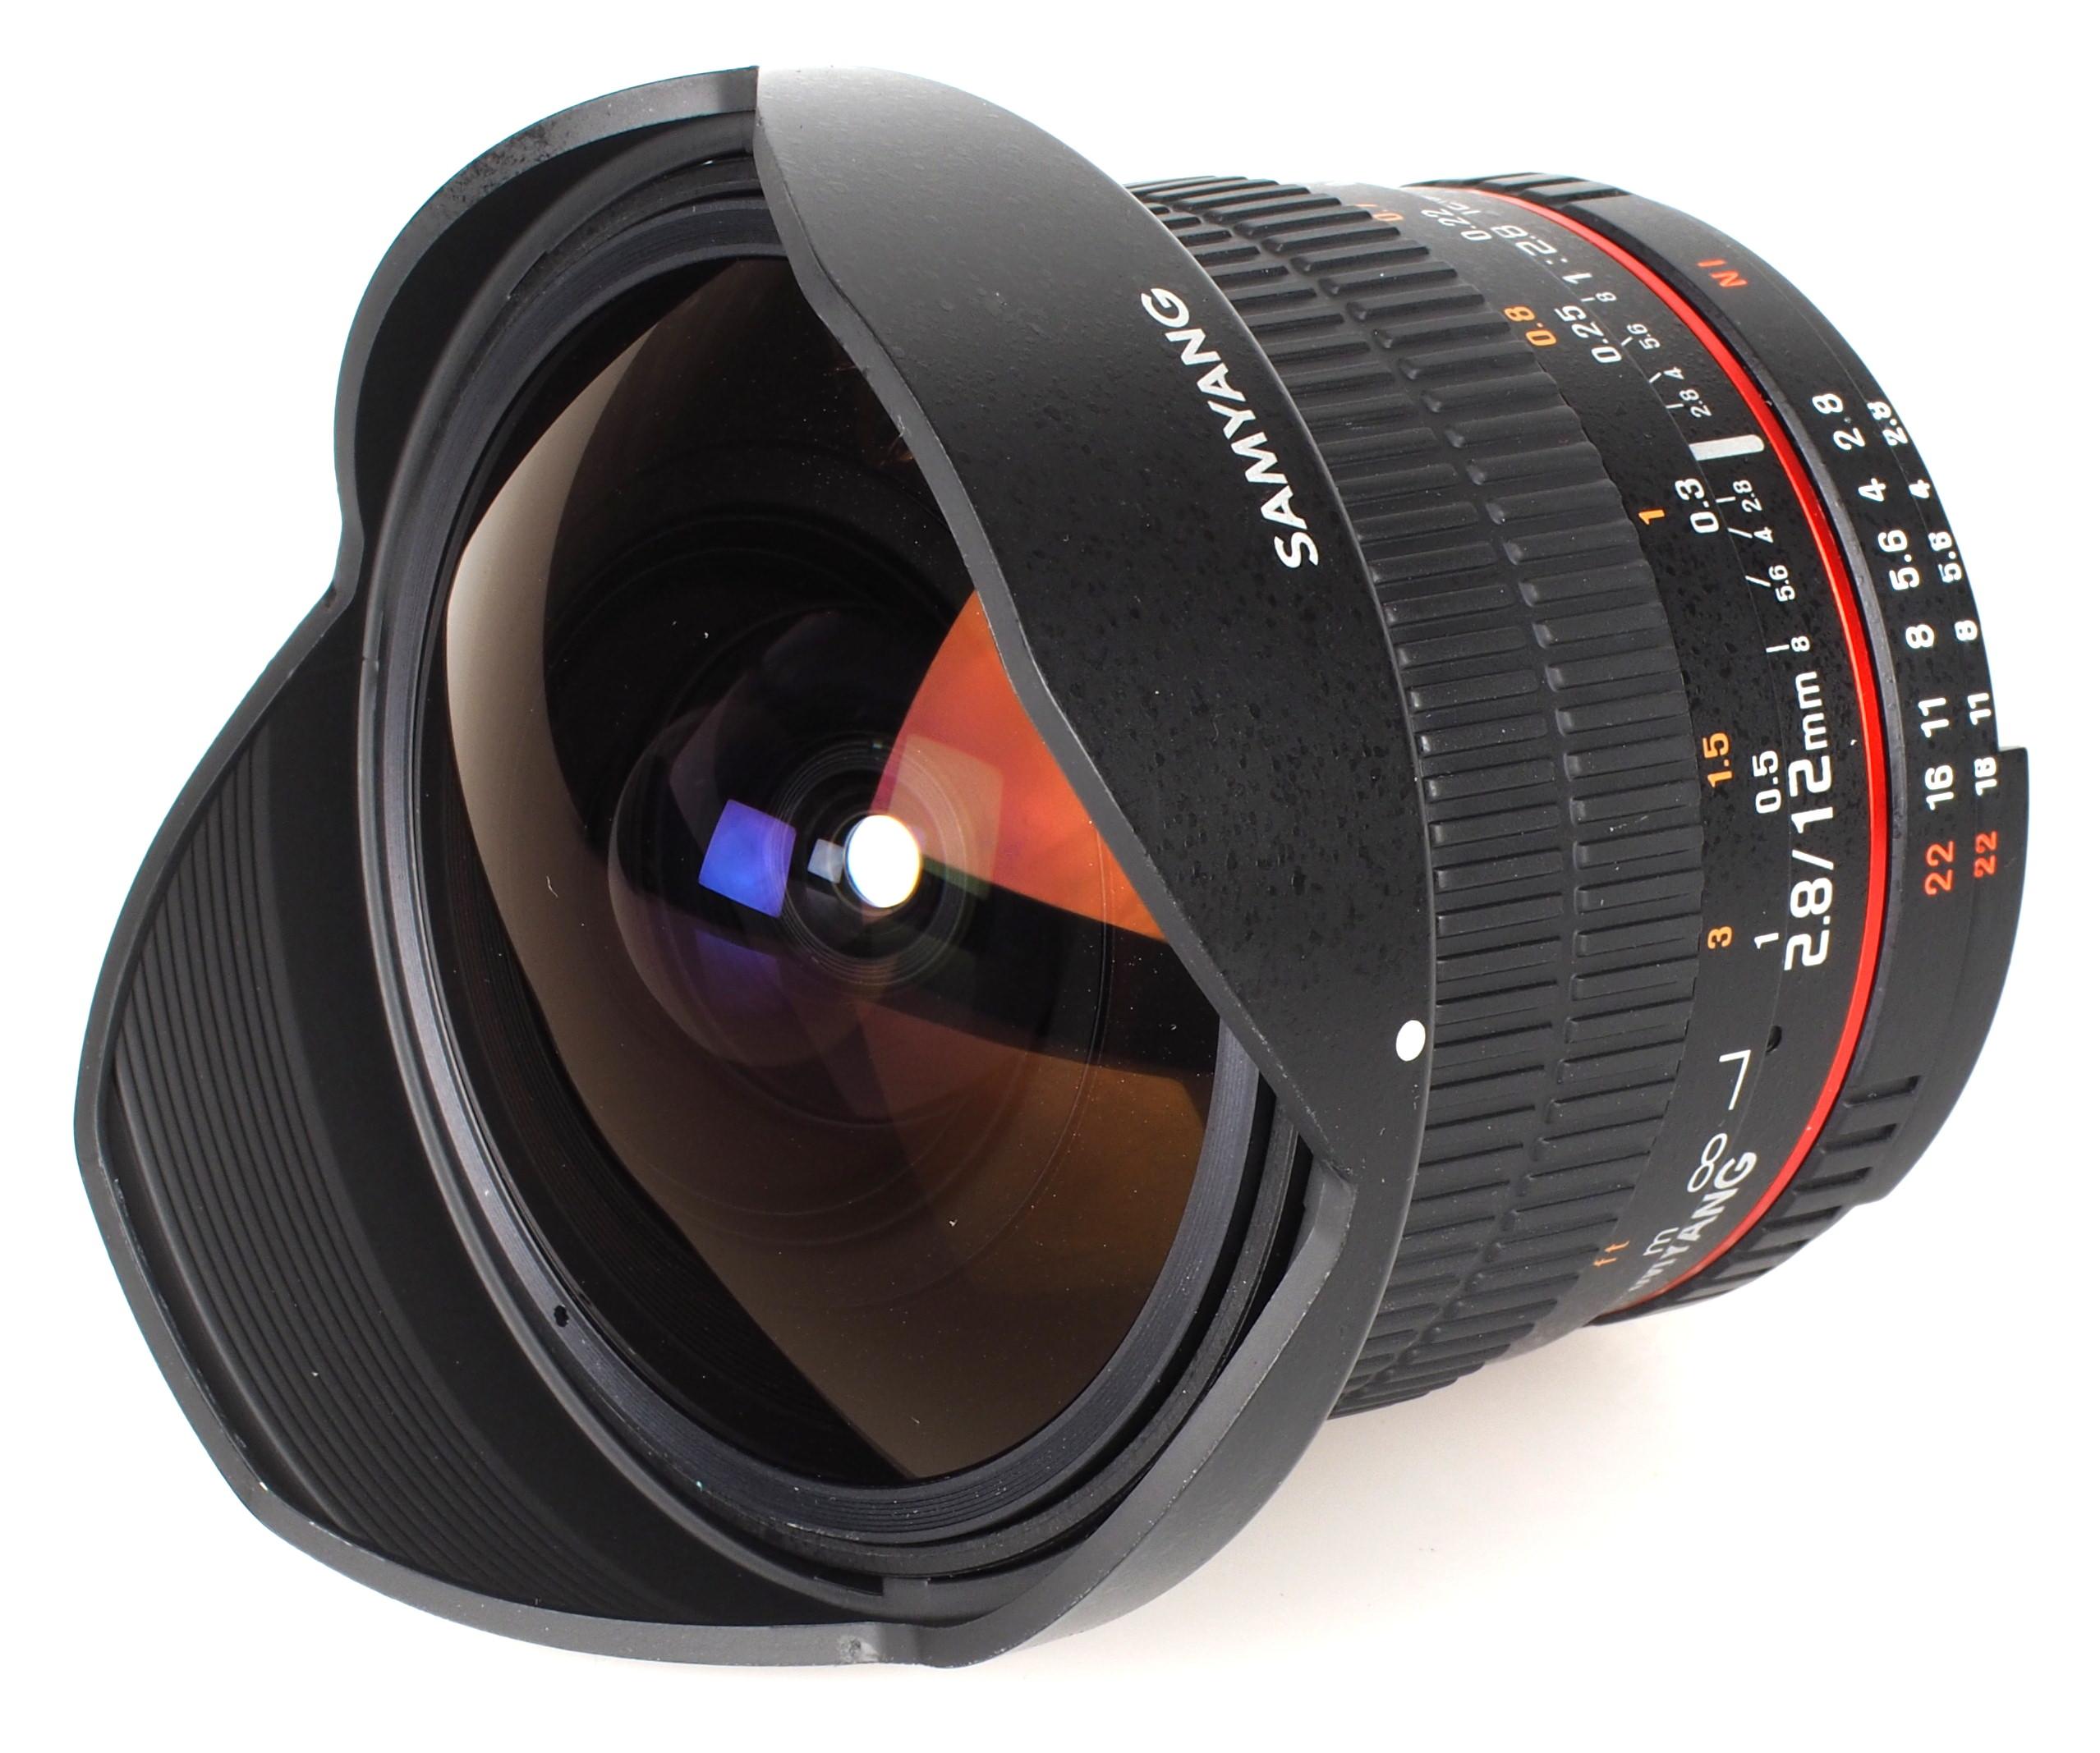 Samyang 12mm f 2 8 ed as ncs fish eye lens review for Fish eye camera